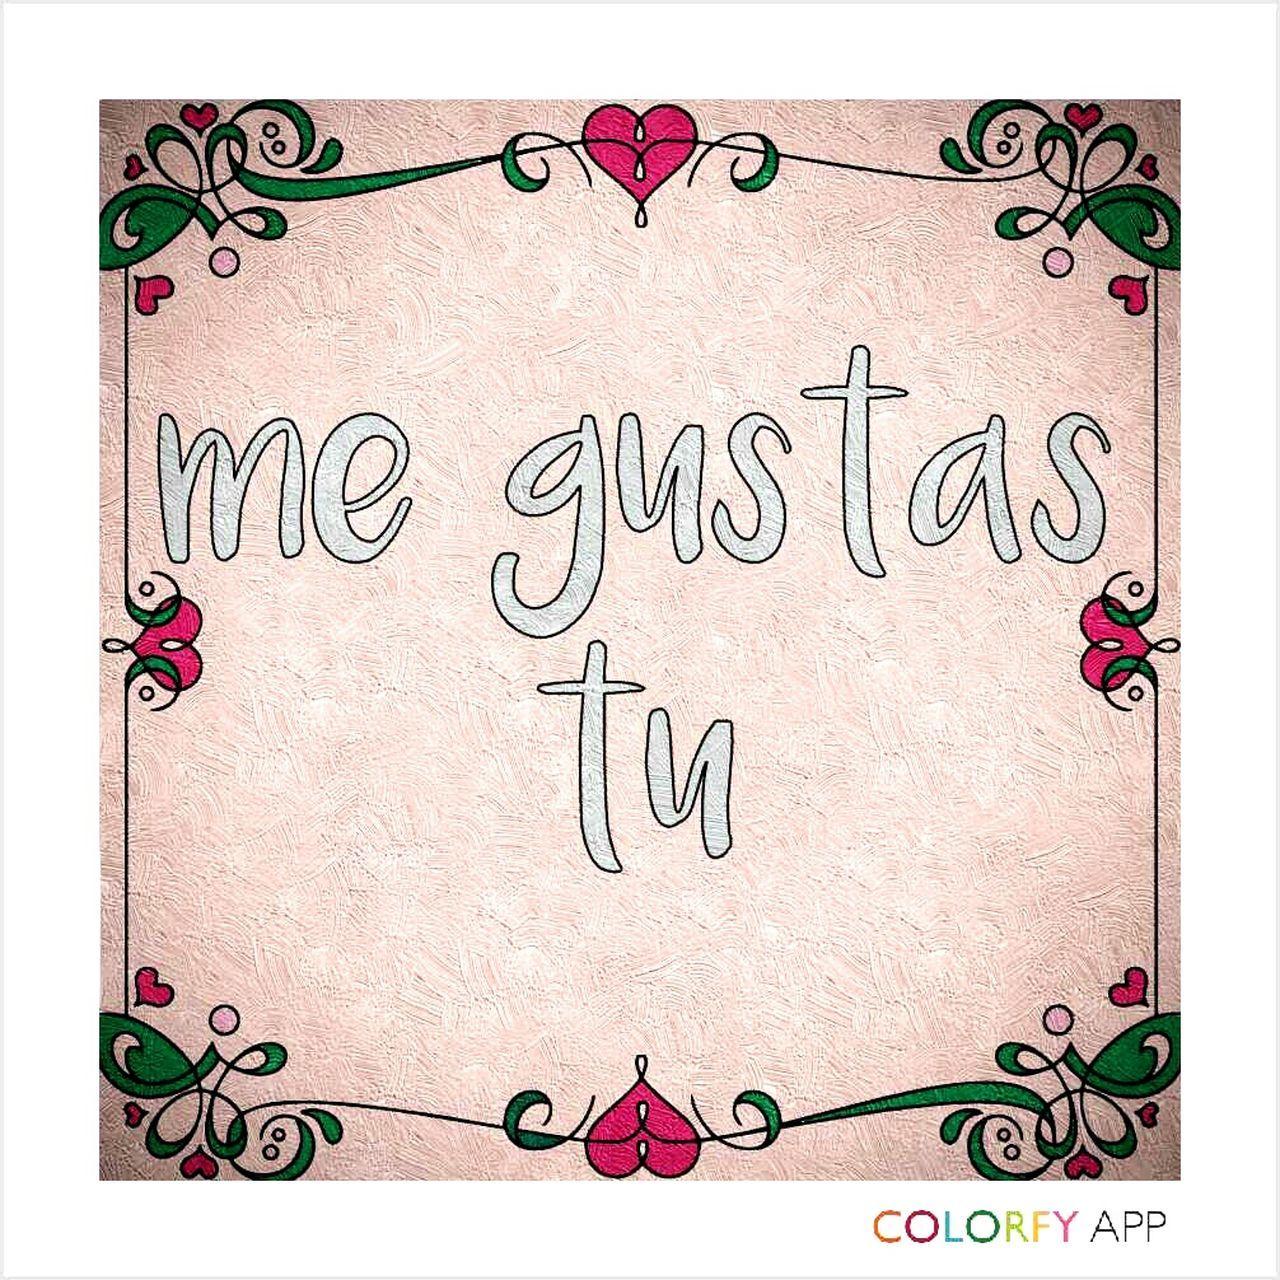 ♥ Gfriend Megustastu First Eyeem Photo